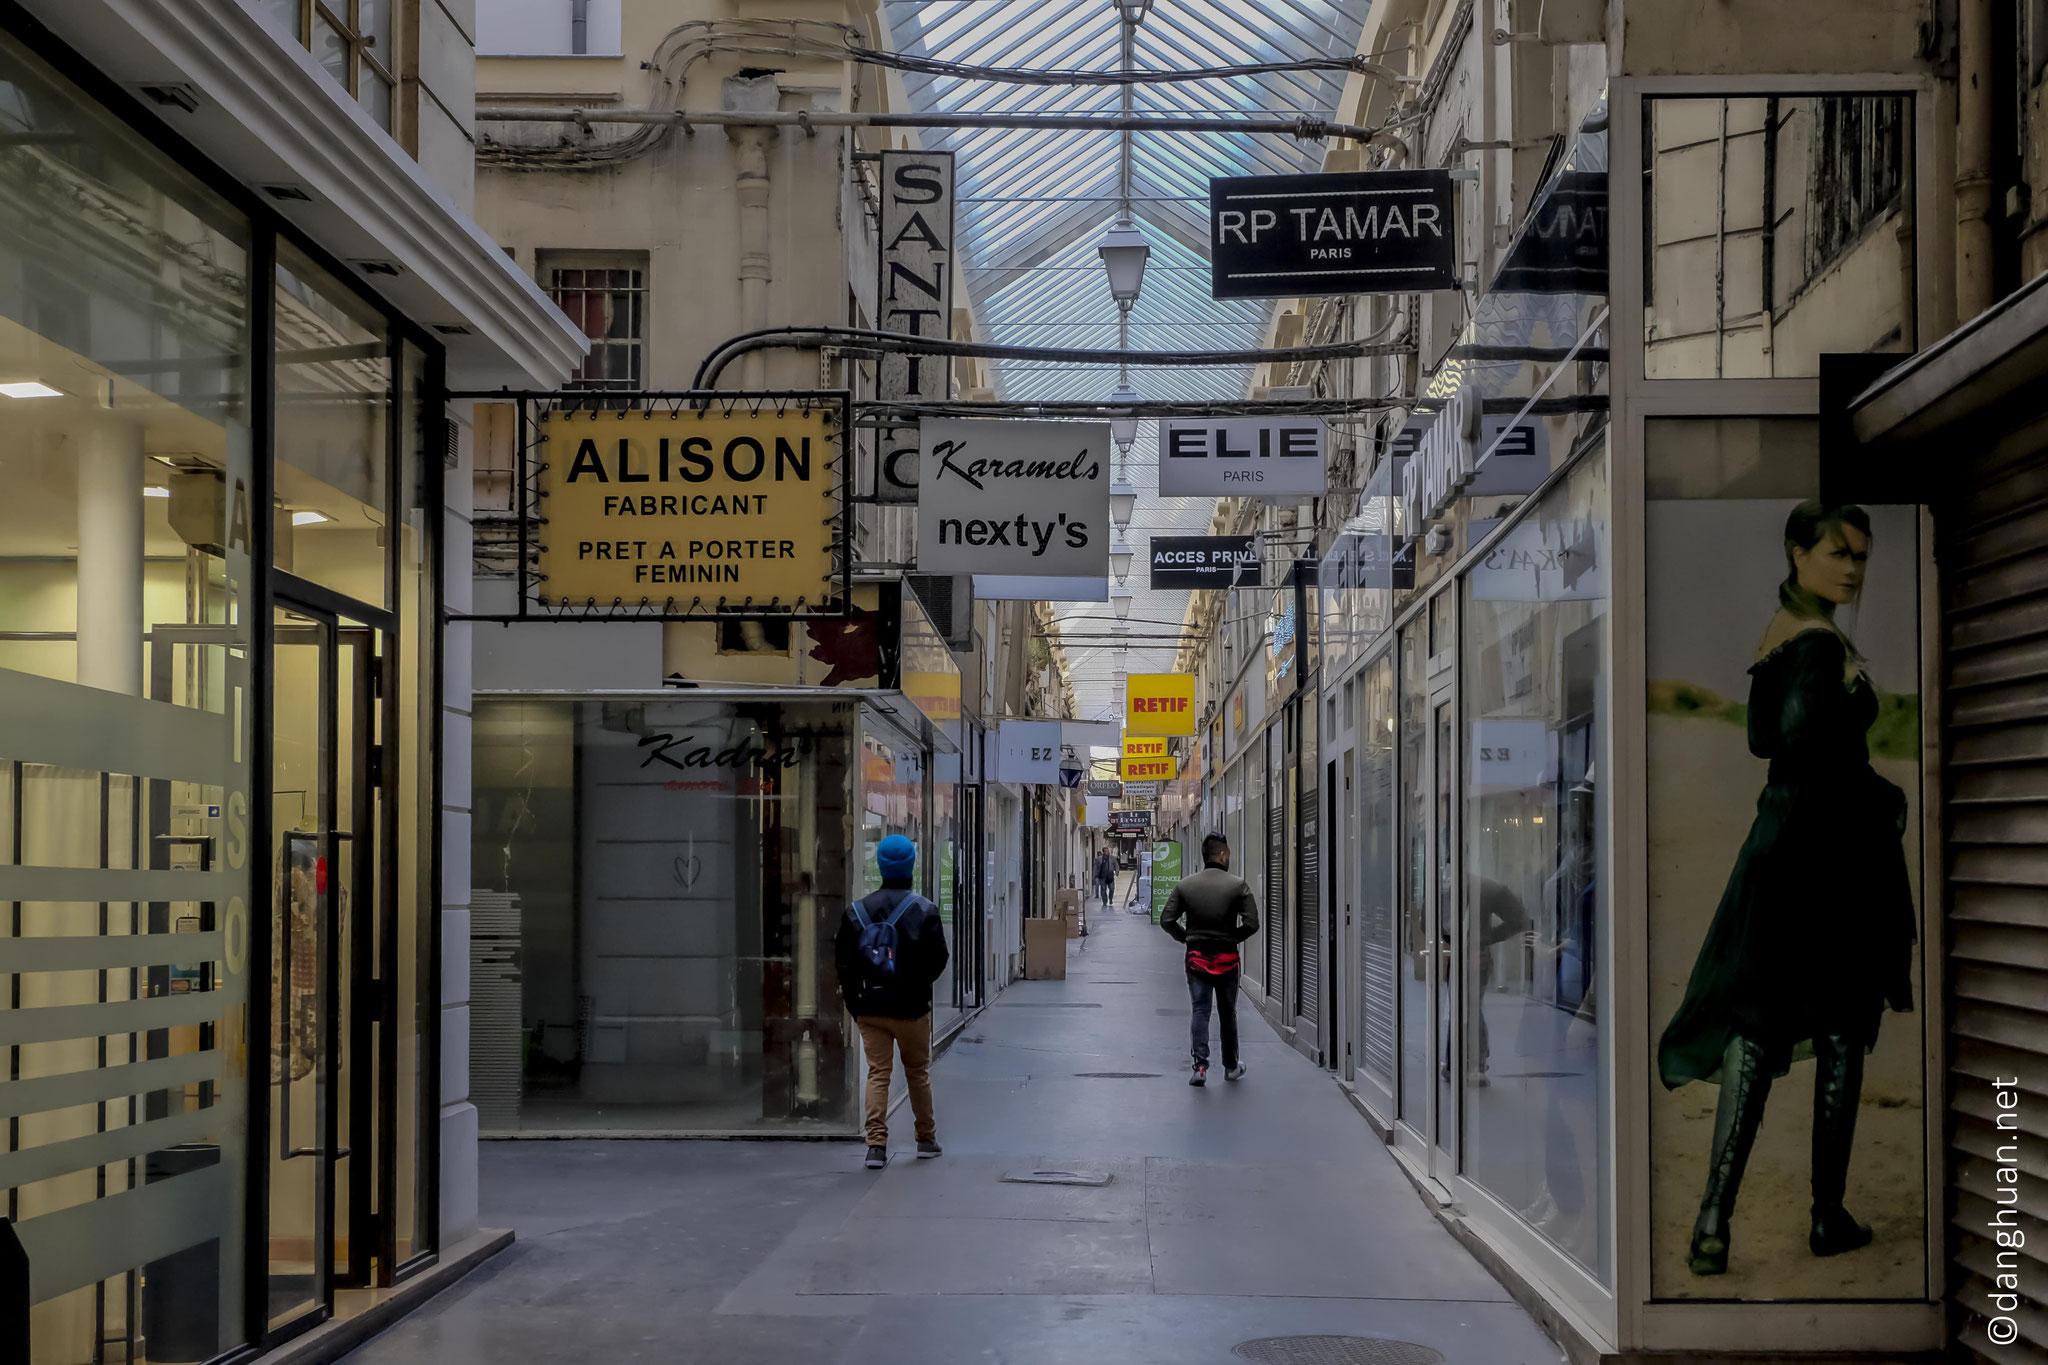 le passage du Caire, crée en 1798, est le plus ancien passage couvert de Paris.